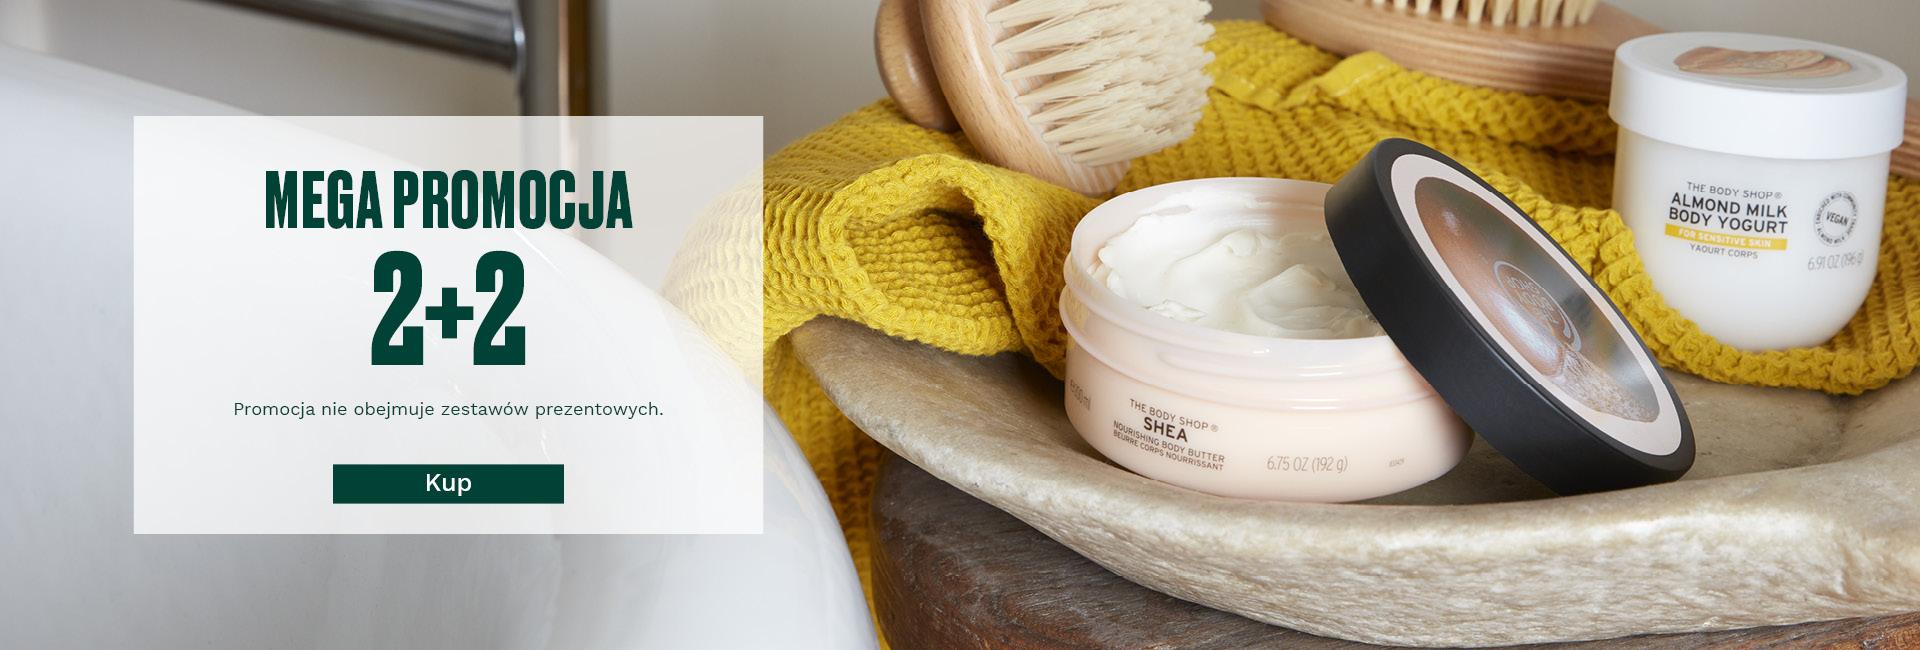 The Body Shop: przy zakupie 2 kosmetyków, 2 kosmetyki gratis - promocja na Dzień Kobiet